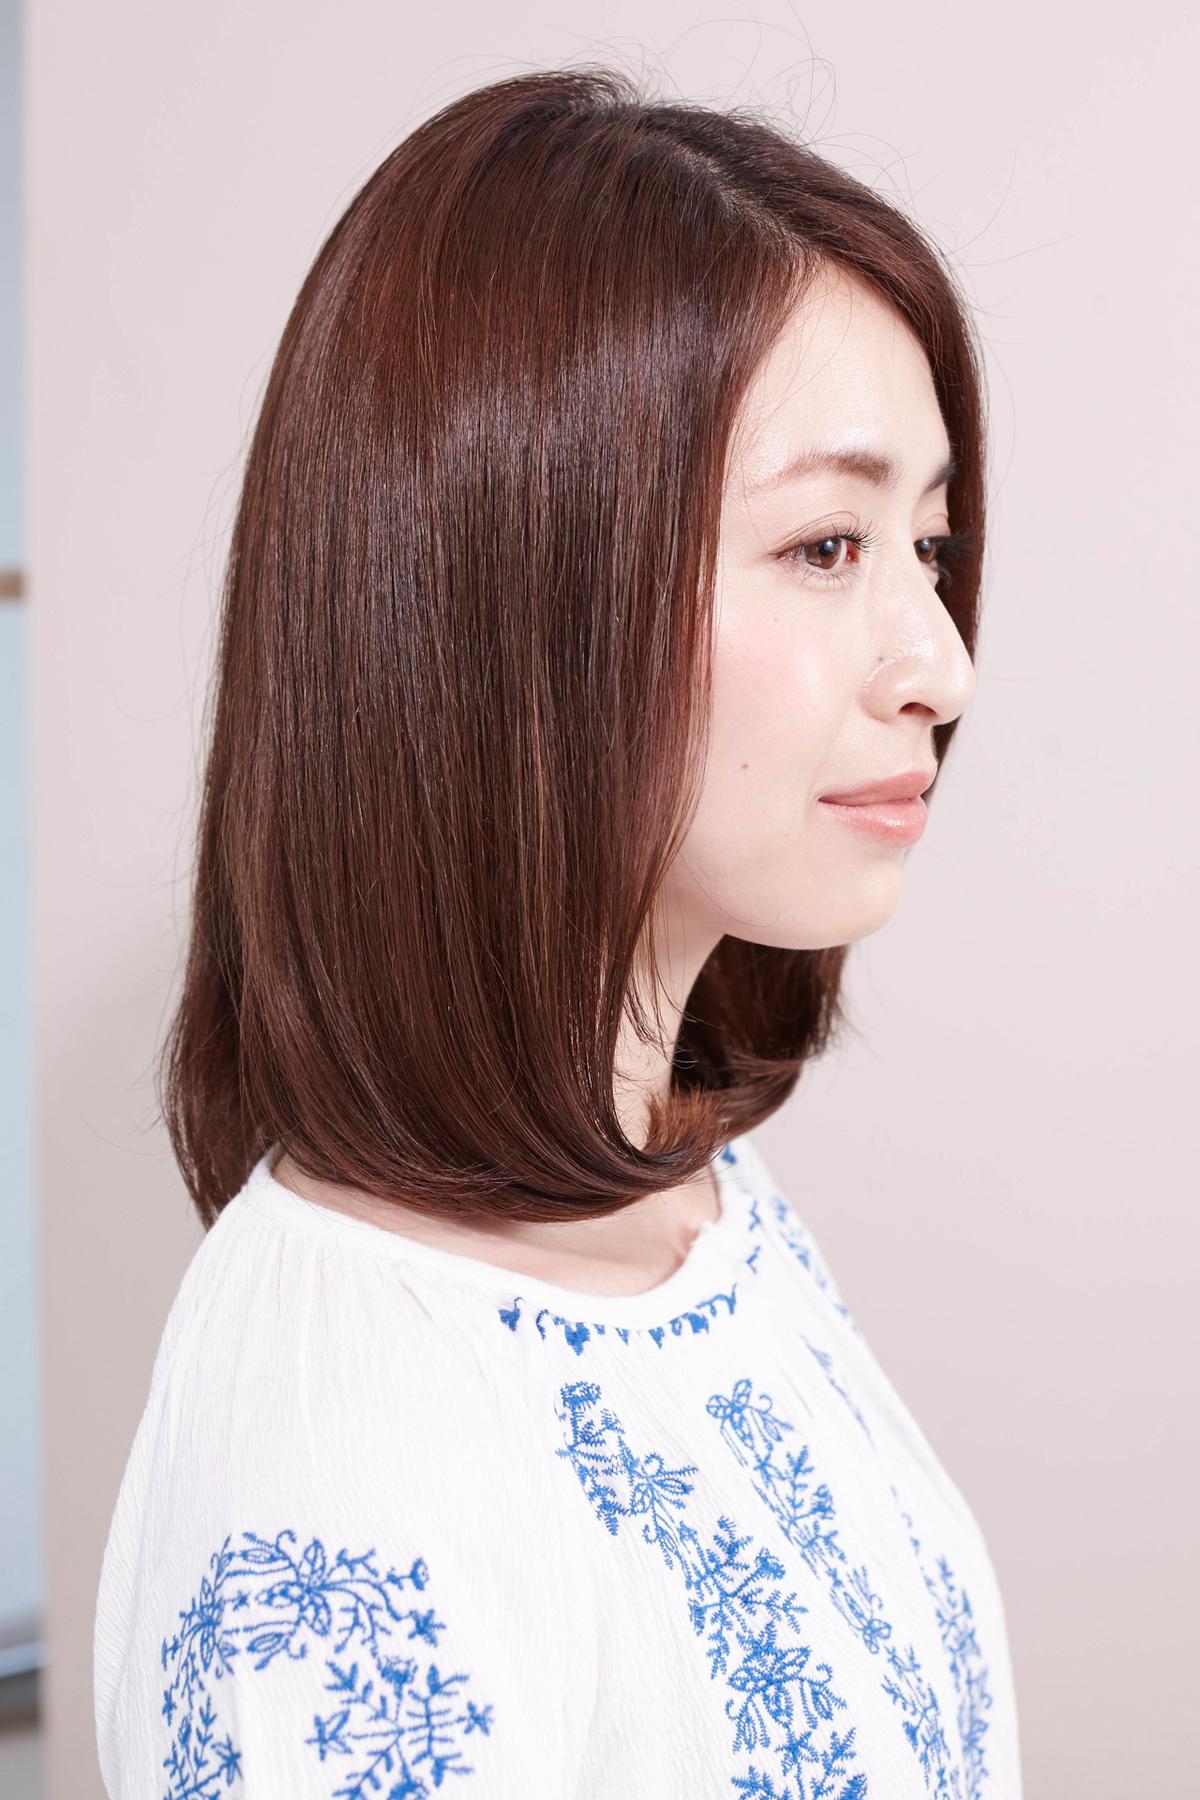 素髪感覚の髪質を取り戻したAラインフォルムのツヤヘア